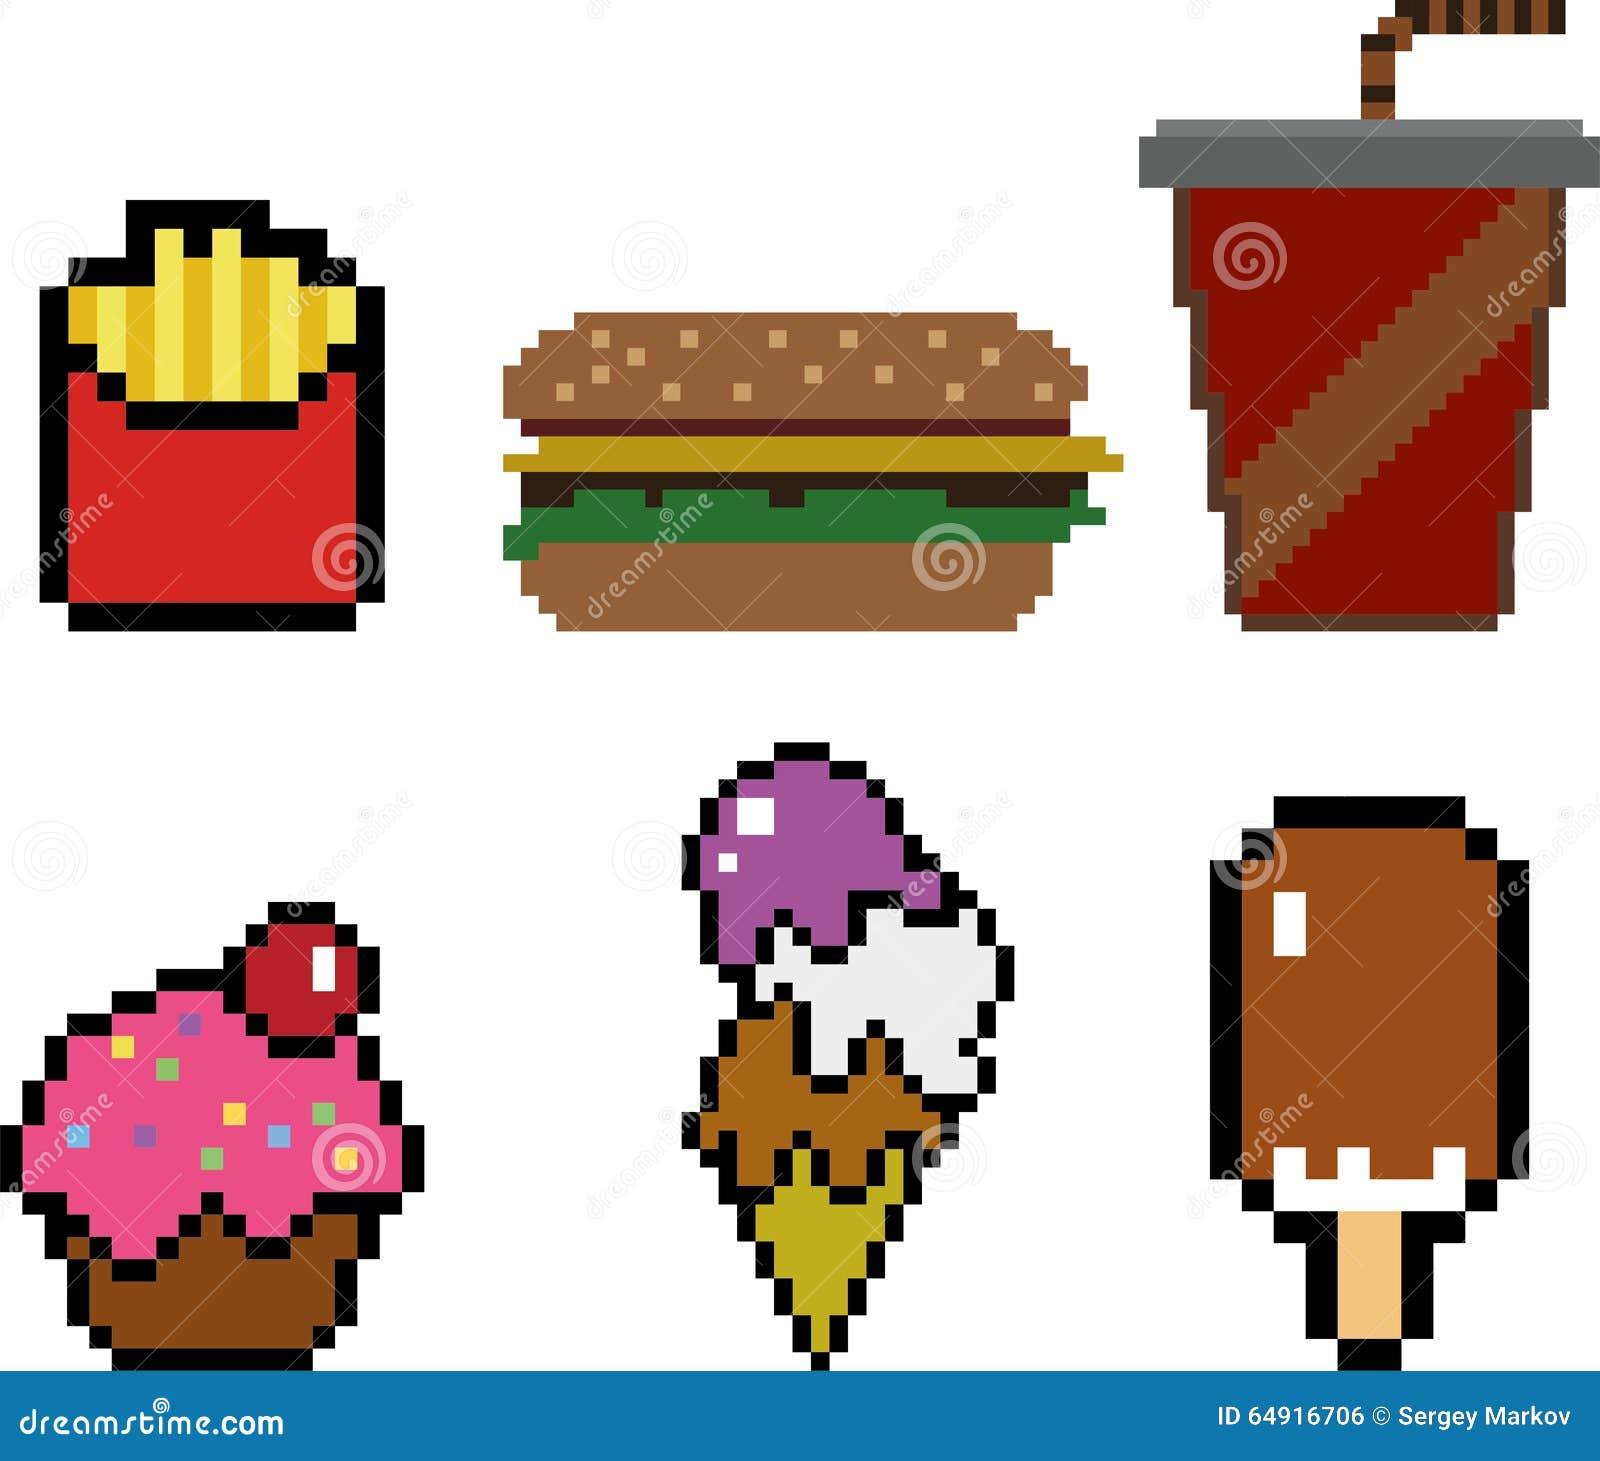 Aliments De Préparation Rapide Dans Le Style De Pixel Art